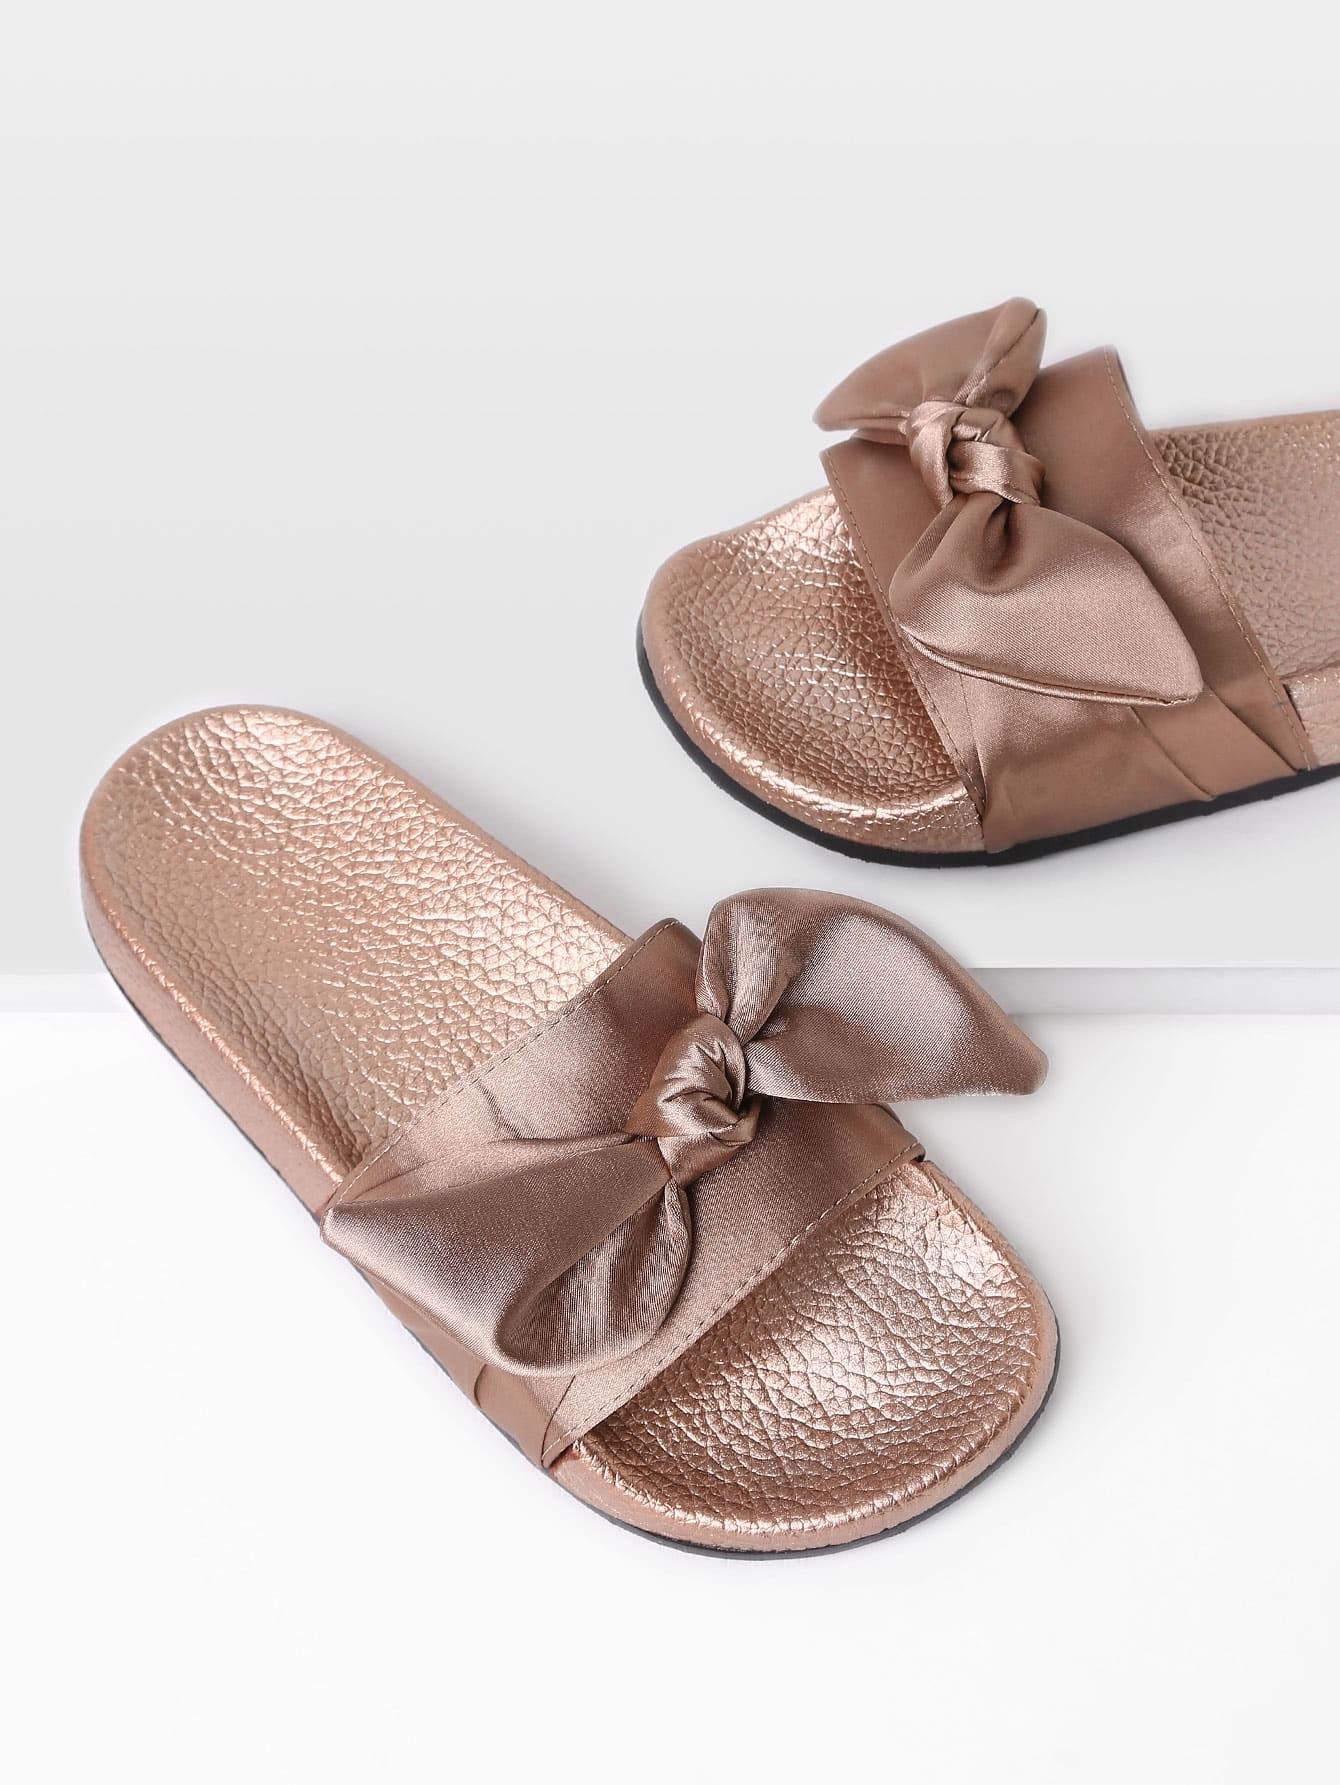 shoes170425806_2